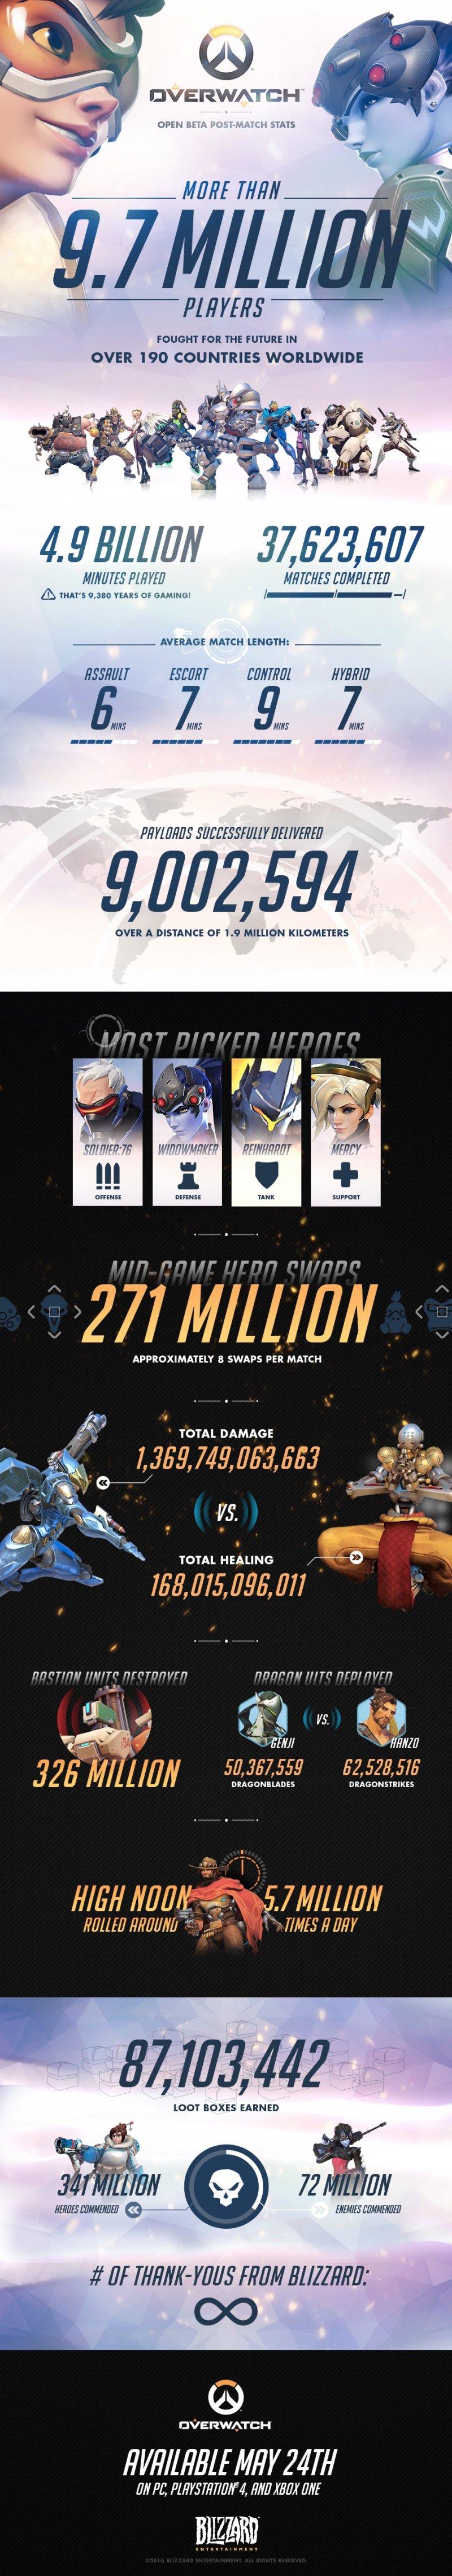 Quasi 10 milioni di giocatori e altri dati nell'infografica completa sulla beta di Overwatch